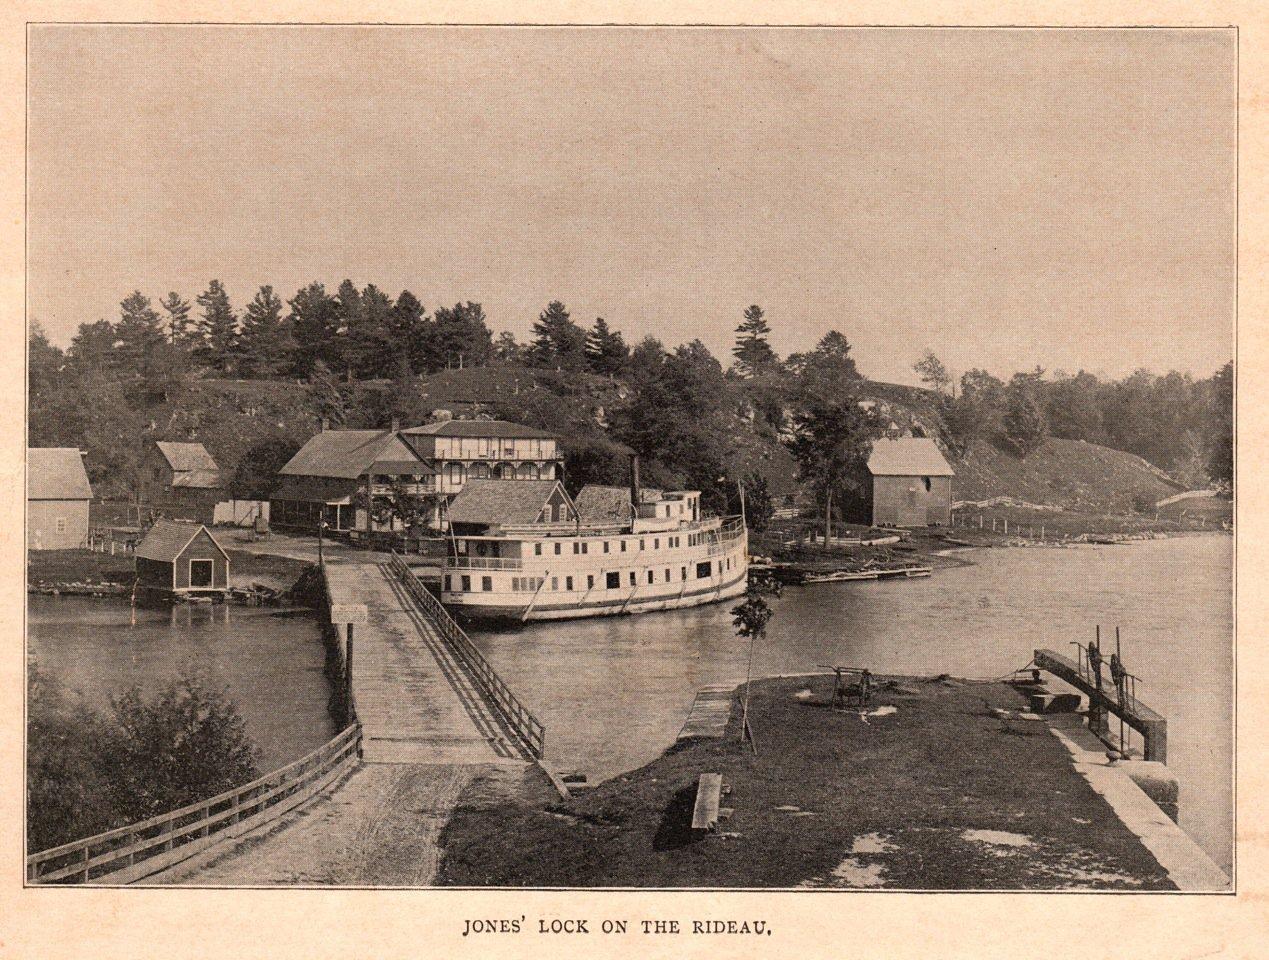 Jones' Lock on the Rideau